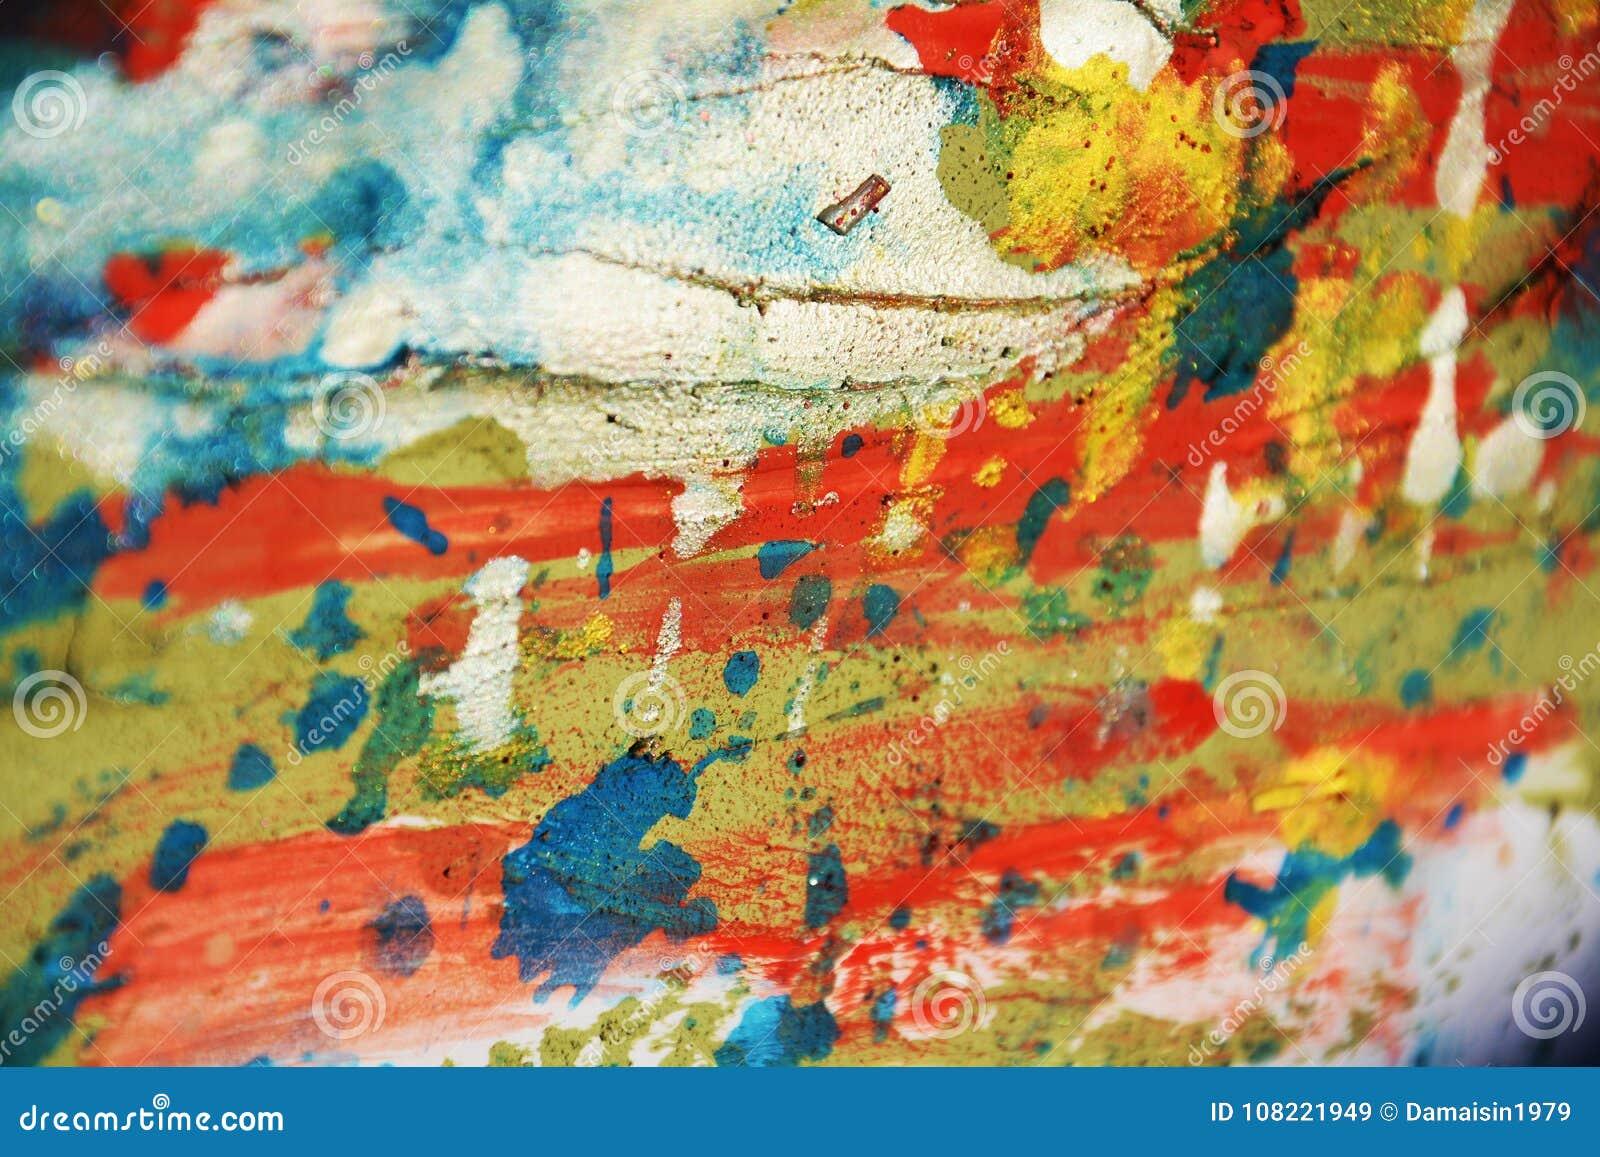 Cursos cerosos pasteis alaranjados verdes de prata do fundo e da escova dos pontos do vermelho azul, matiz, pontos